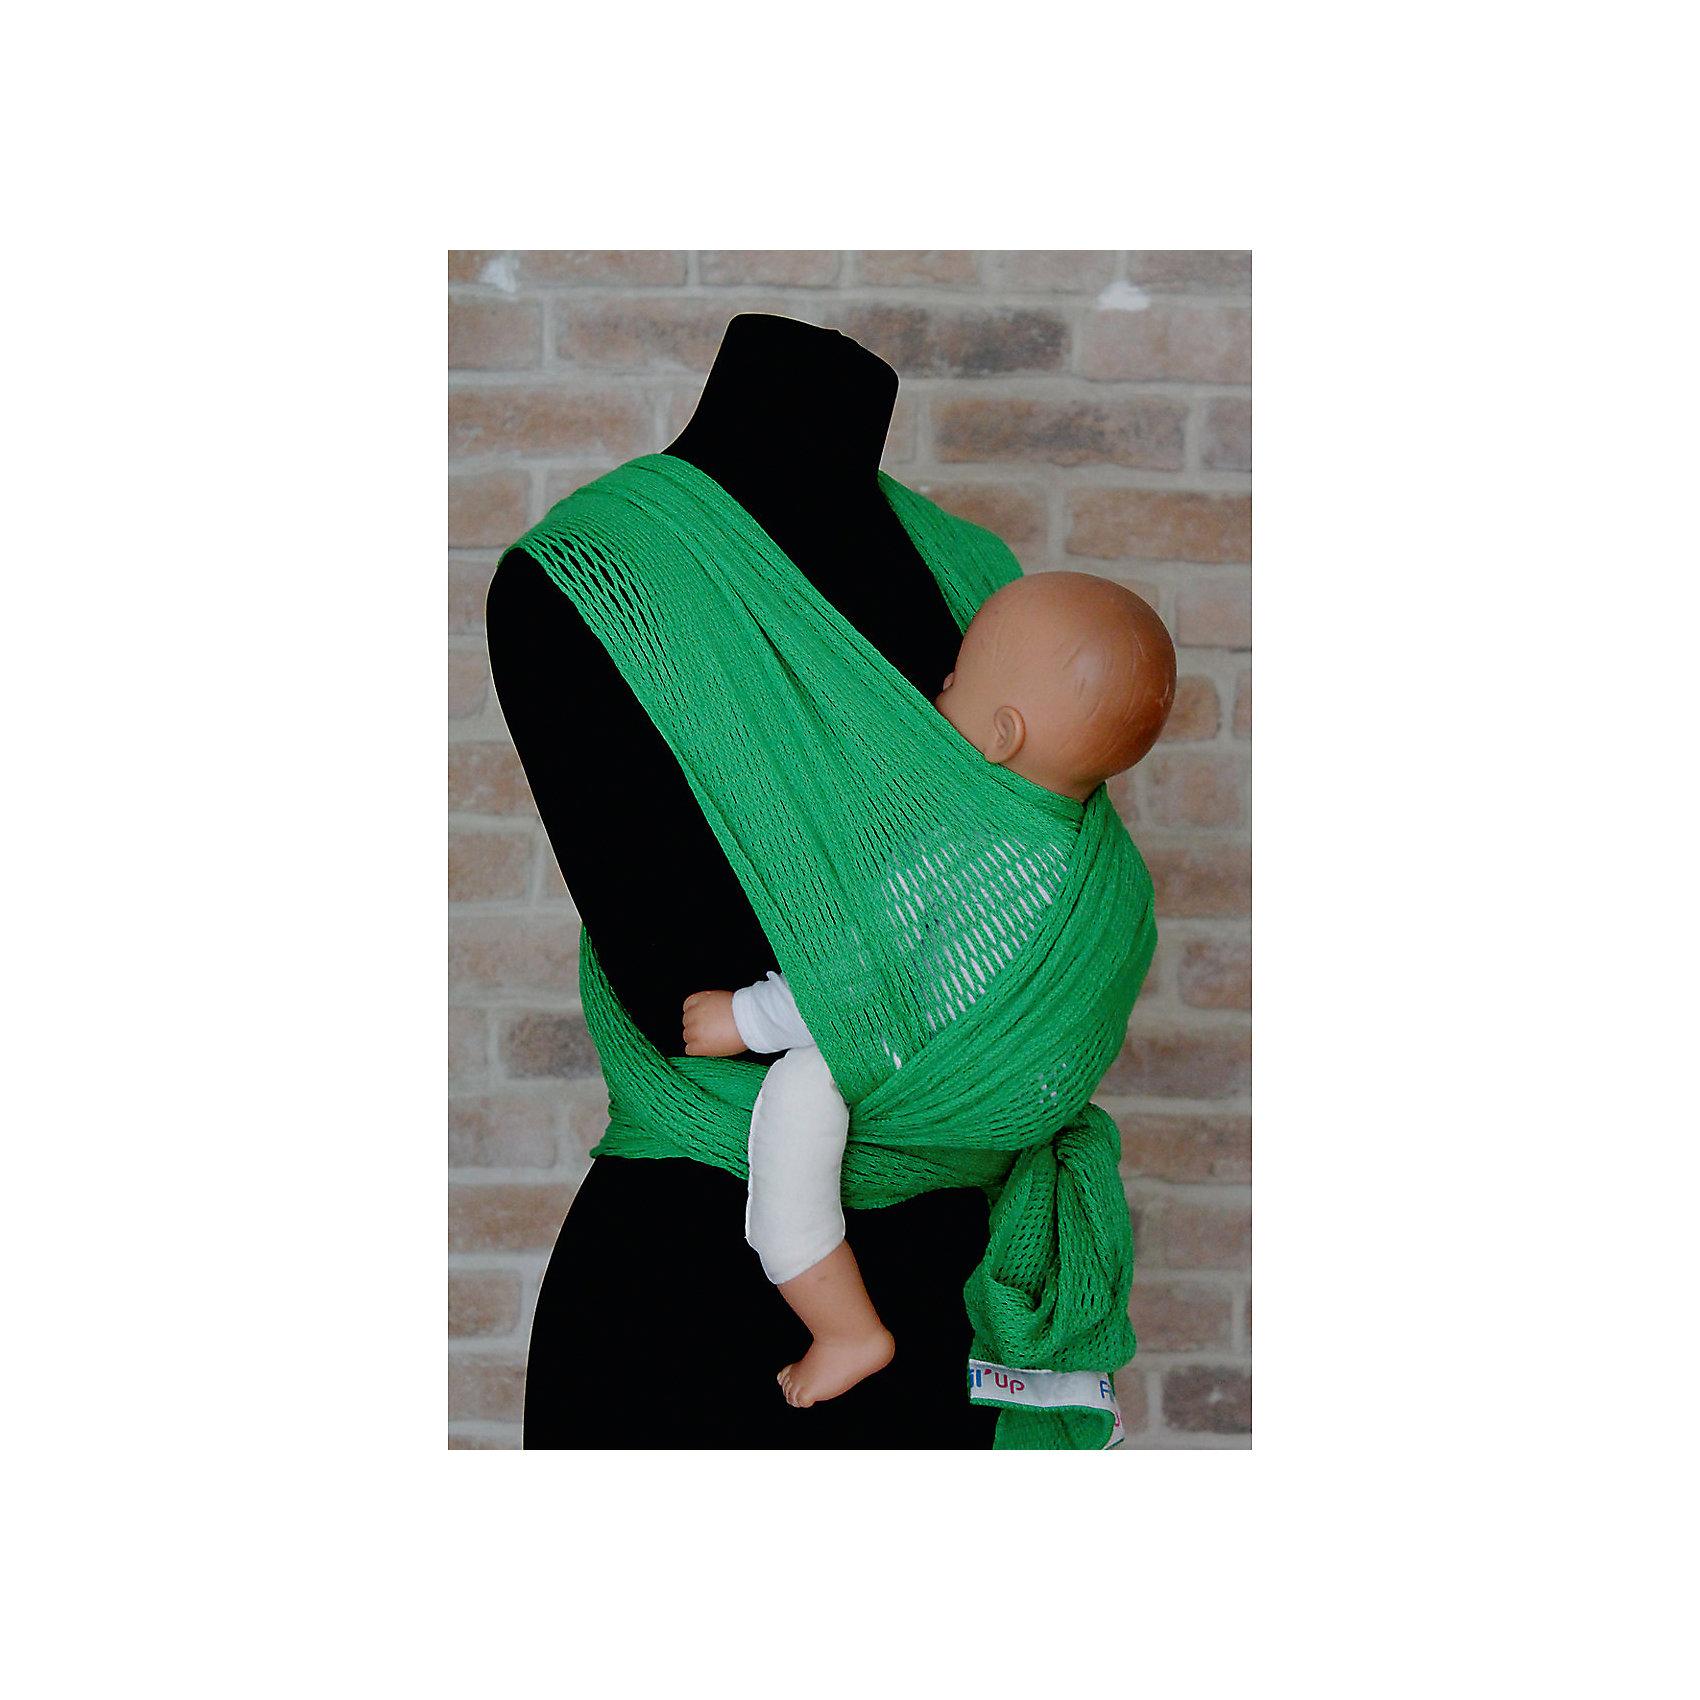 Слинг-шарф из хлопка плетеный размер s-m, Филап, Filt, зеленыйСлинги и рюкзаки-переноски<br><br><br>Ширина мм: 800<br>Глубина мм: 800<br>Высота мм: 50<br>Вес г: 500<br>Возраст от месяцев: 0<br>Возраст до месяцев: 12<br>Пол: Унисекс<br>Возраст: Детский<br>SKU: 5445094